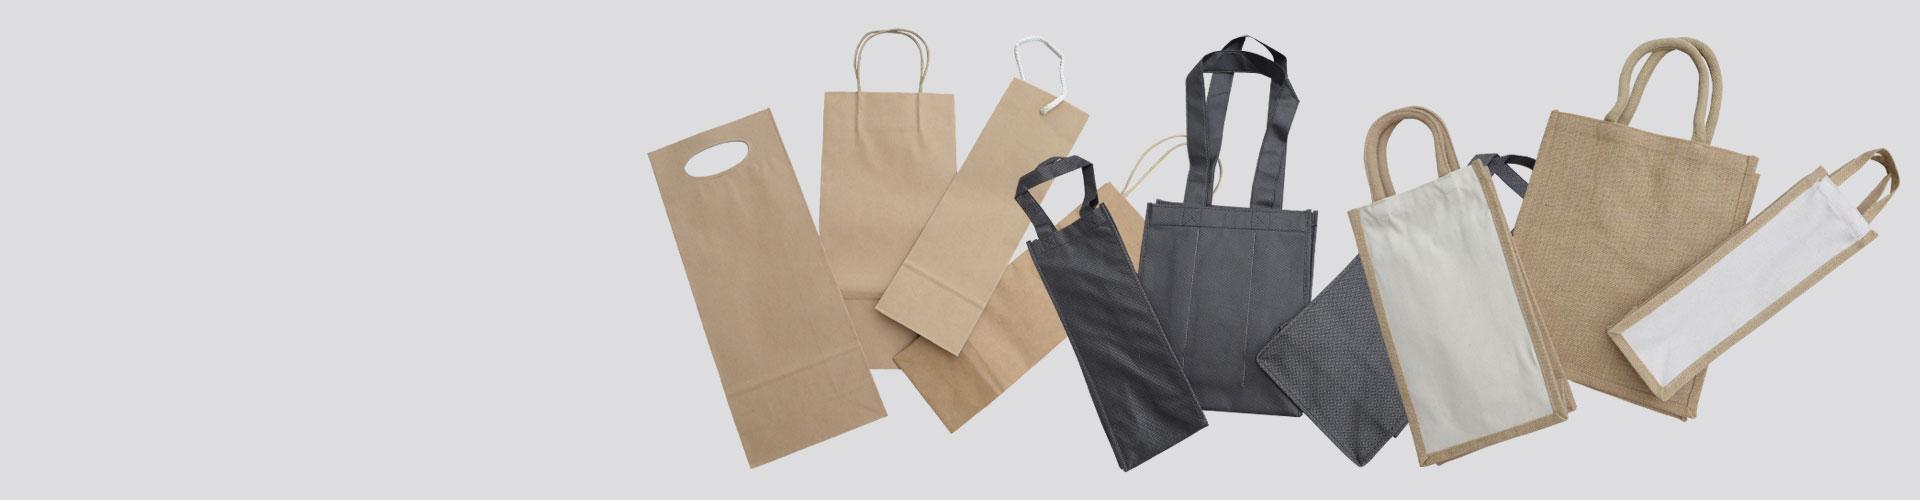 Huge range of wine bags